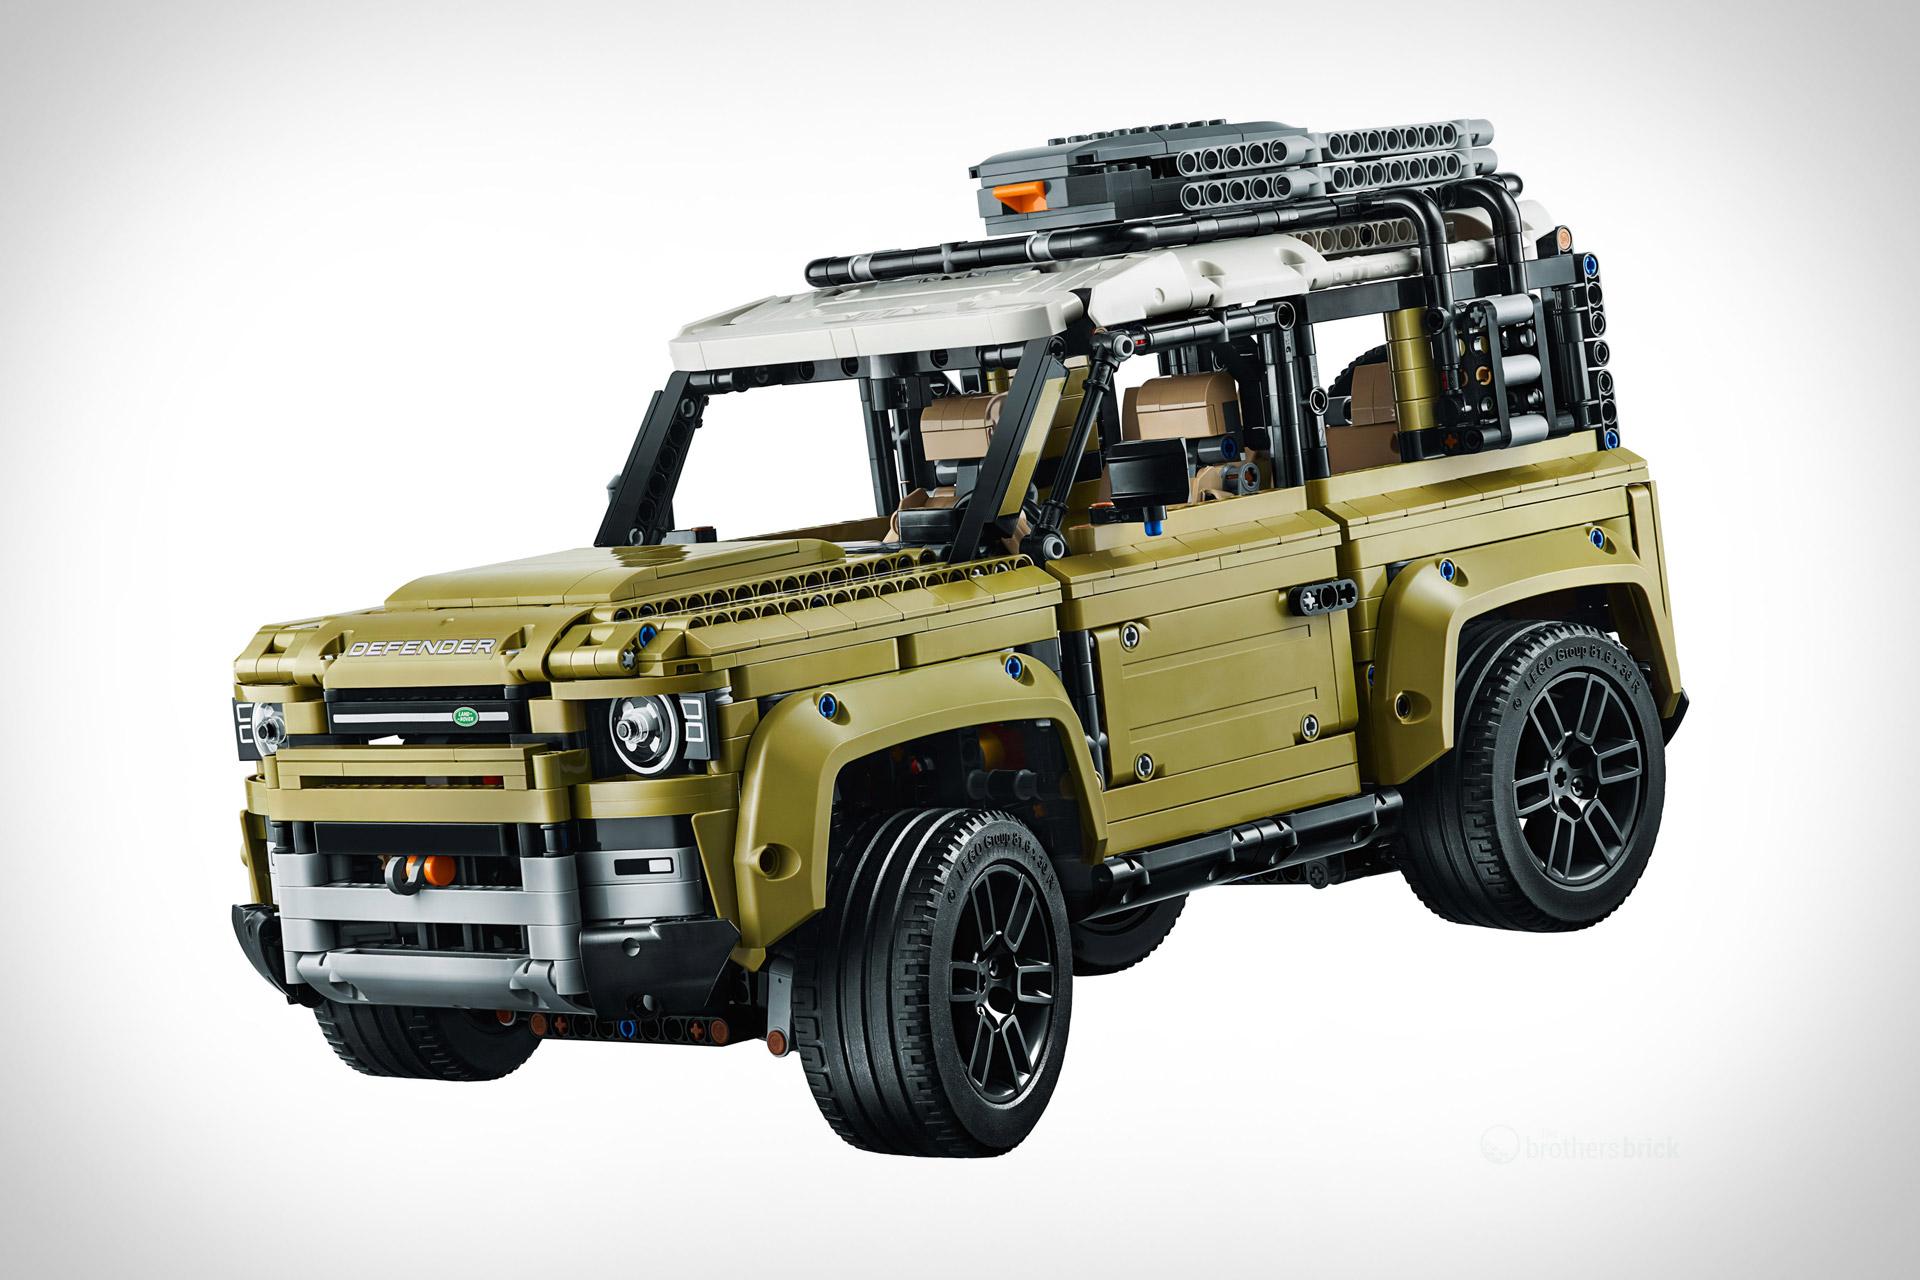 Lego Land Rover Defender Model